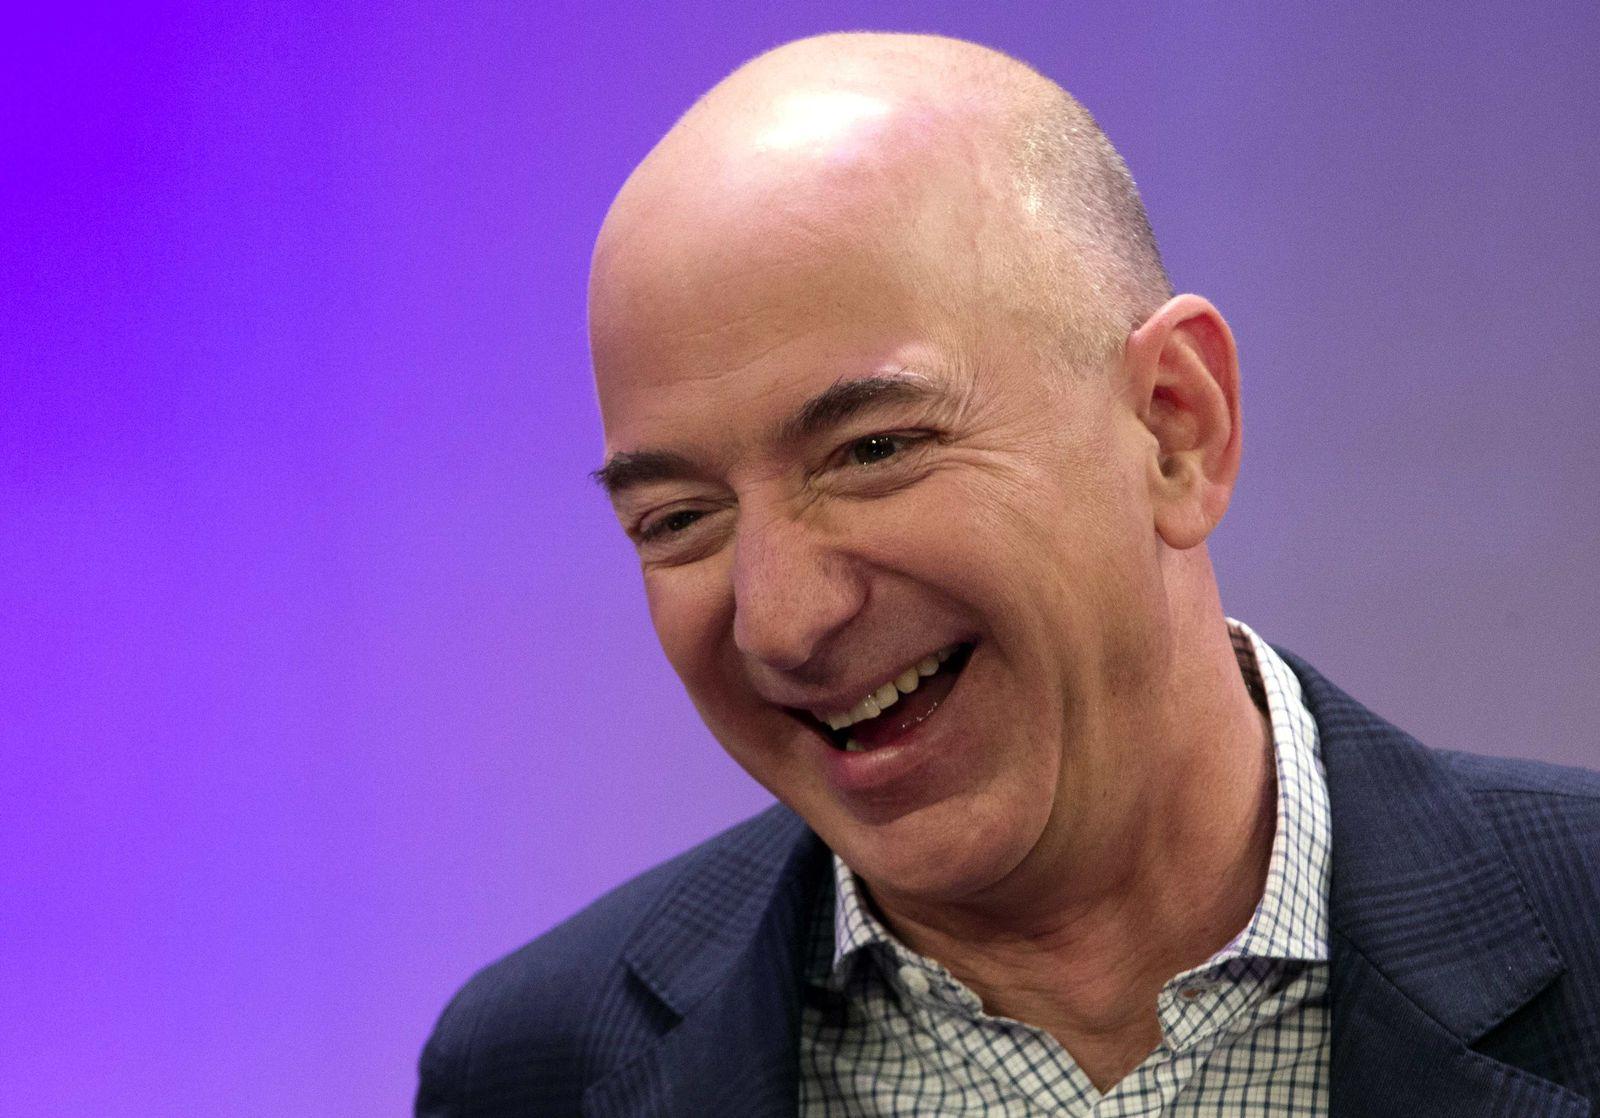 USA-AMAZON/ Bezos